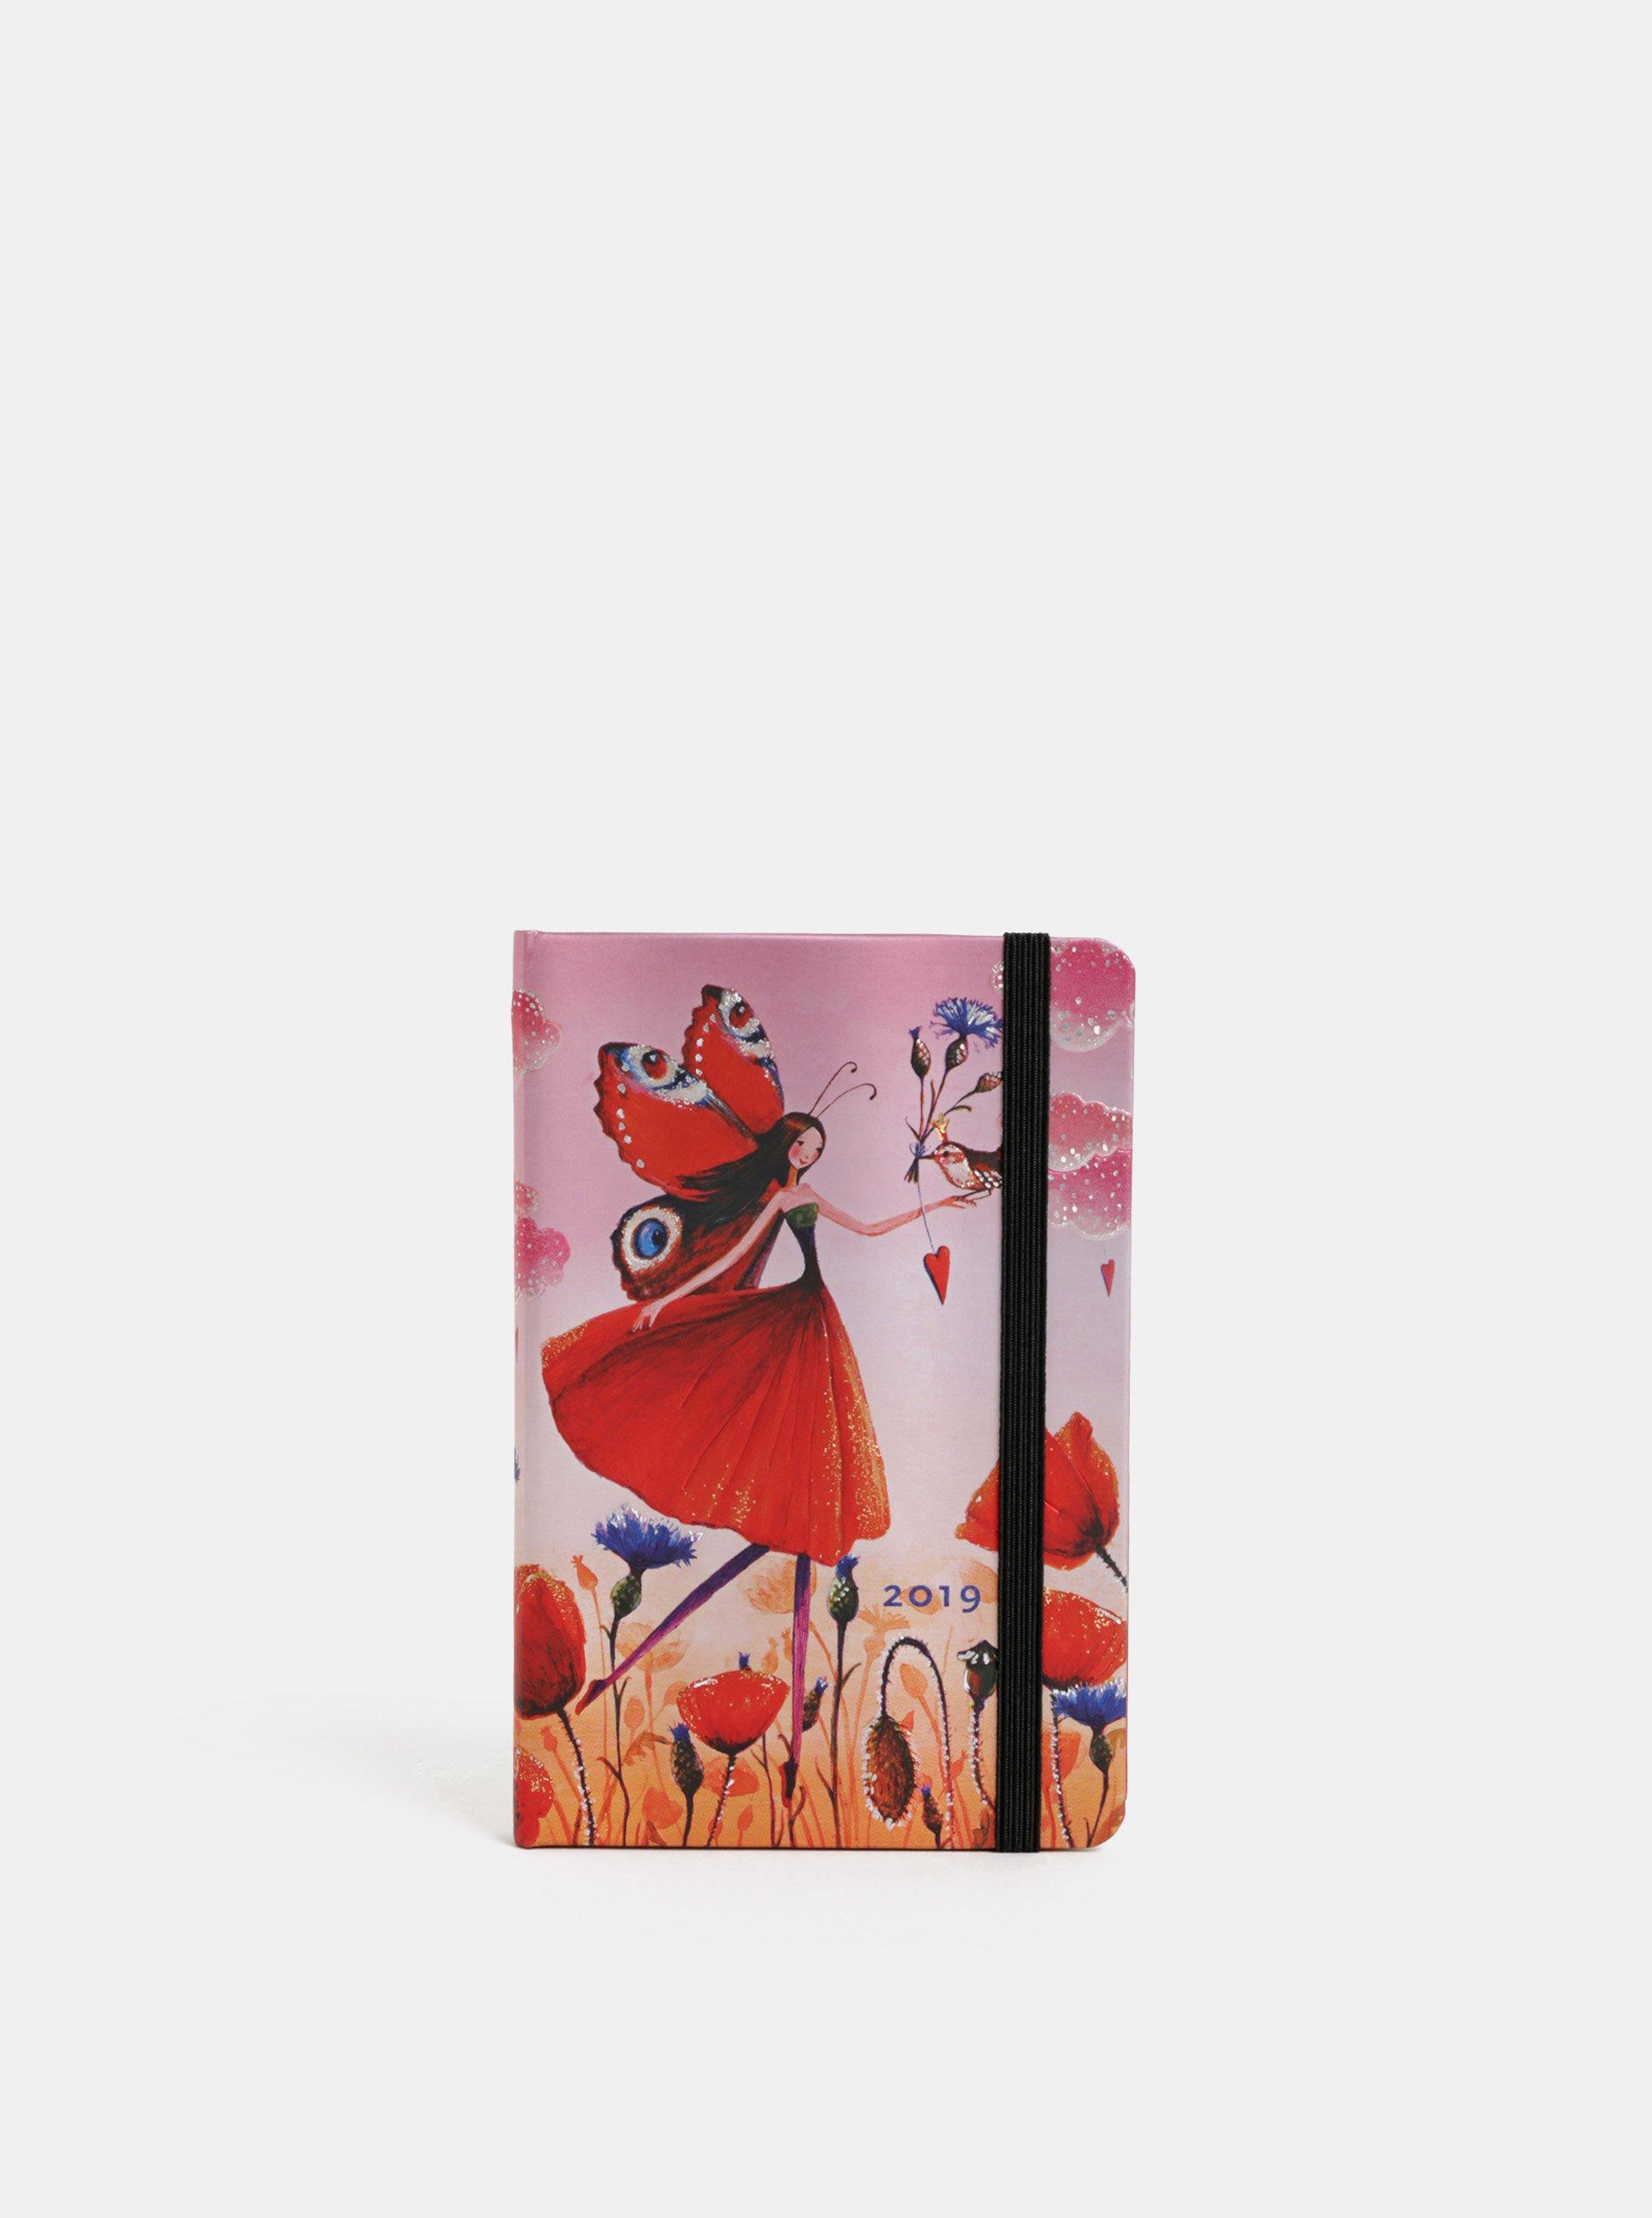 Čeveno-růžový týdenní mini diář na rok 2019 Paperblanks Poppy Field